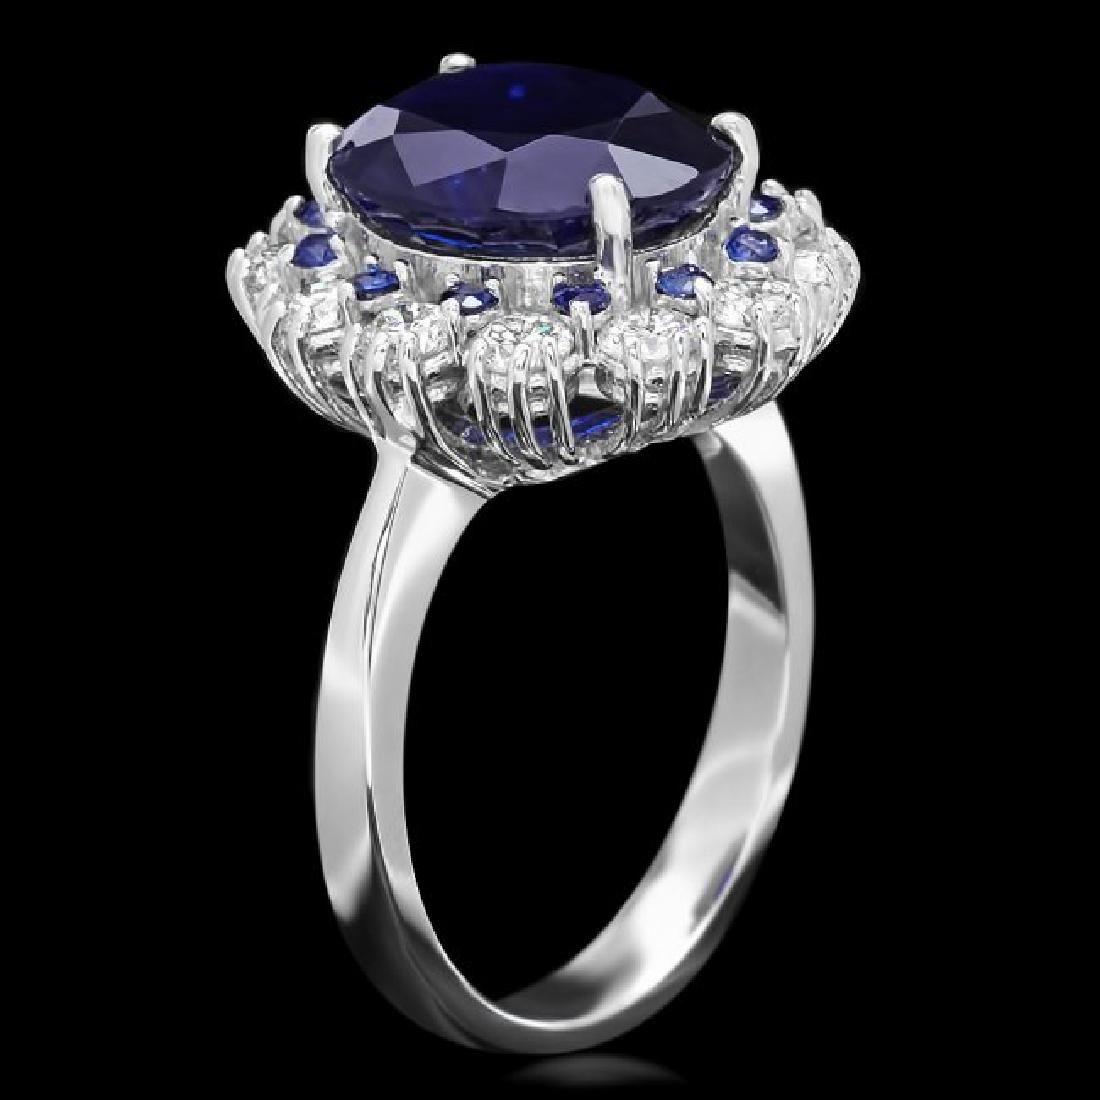 14k White Gold 6ct Sapphire 1.10ct Diamond Ring - 2